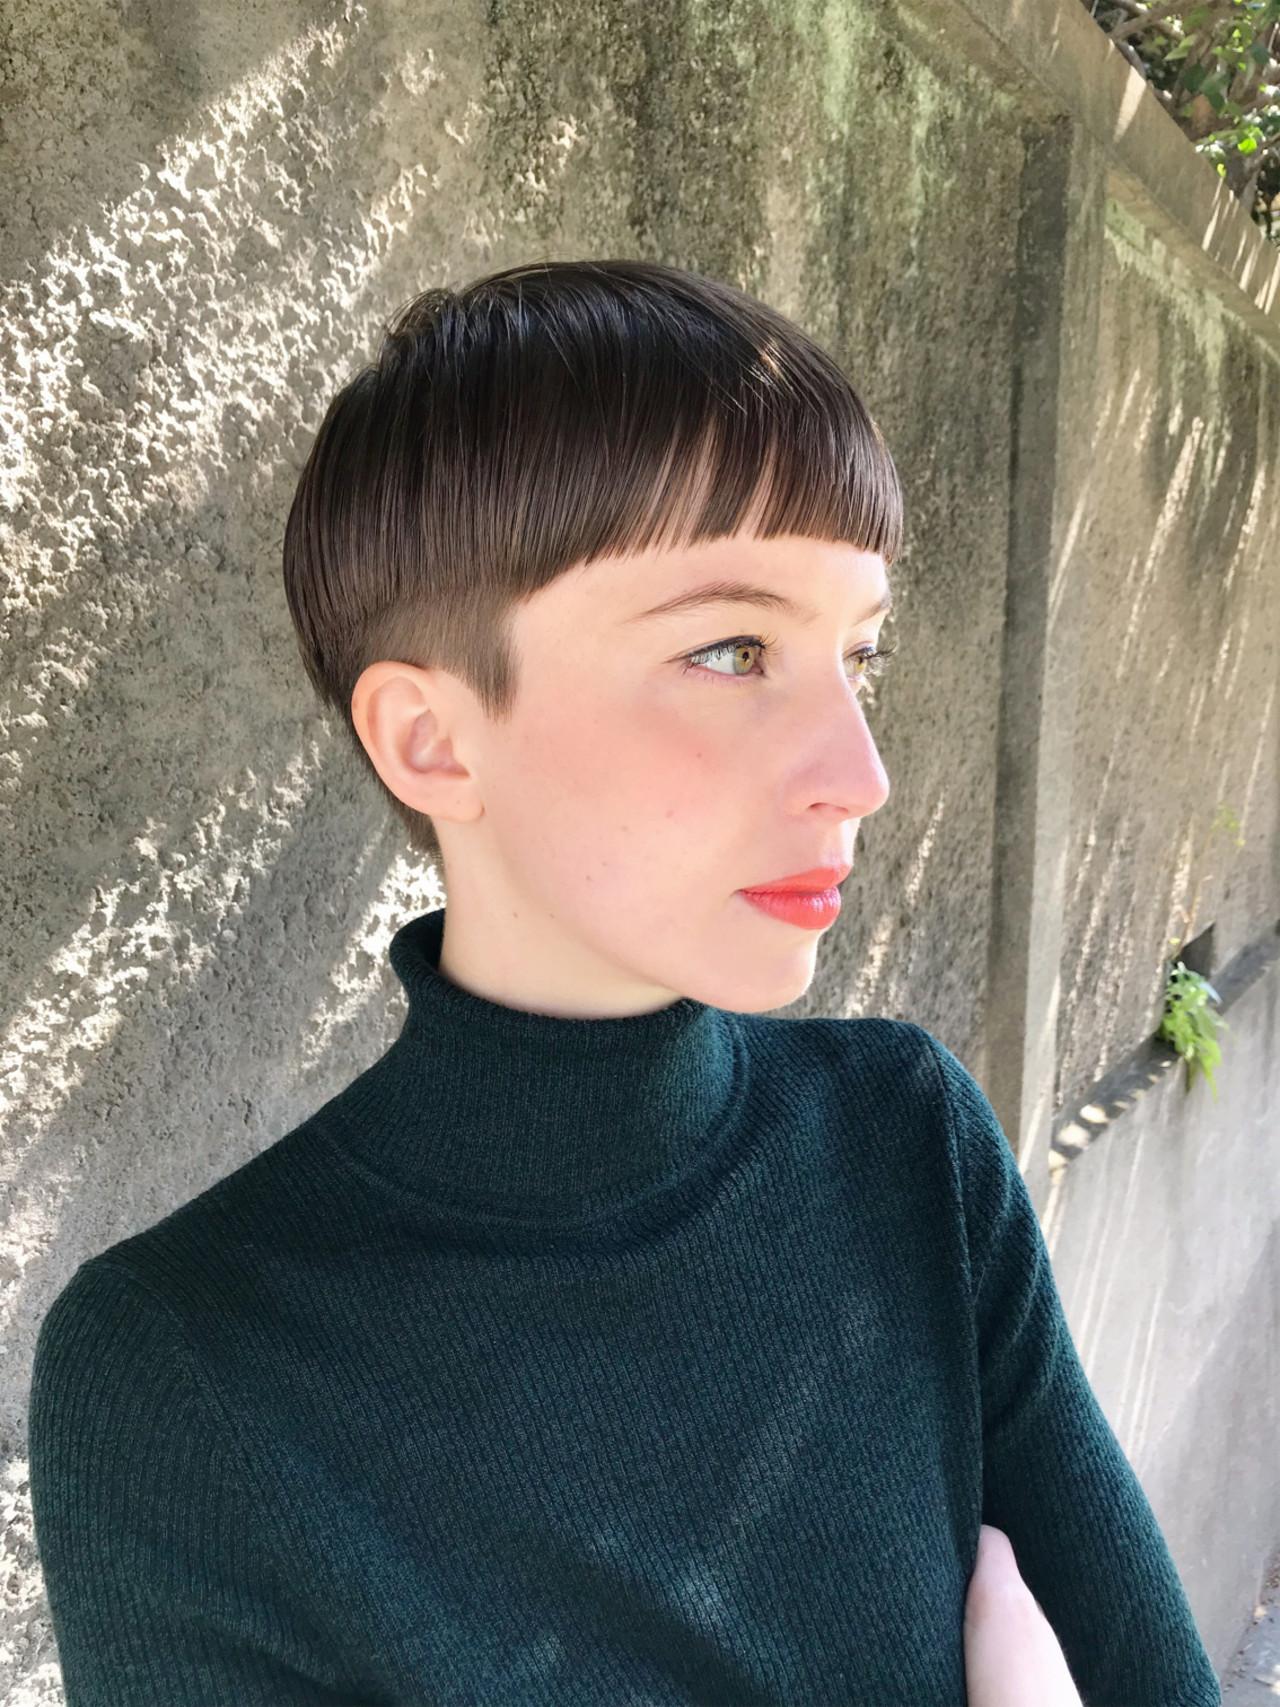 ハンサムショート 刈り上げショート 刈り上げ 刈り上げ女子 ヘアスタイルや髪型の写真・画像